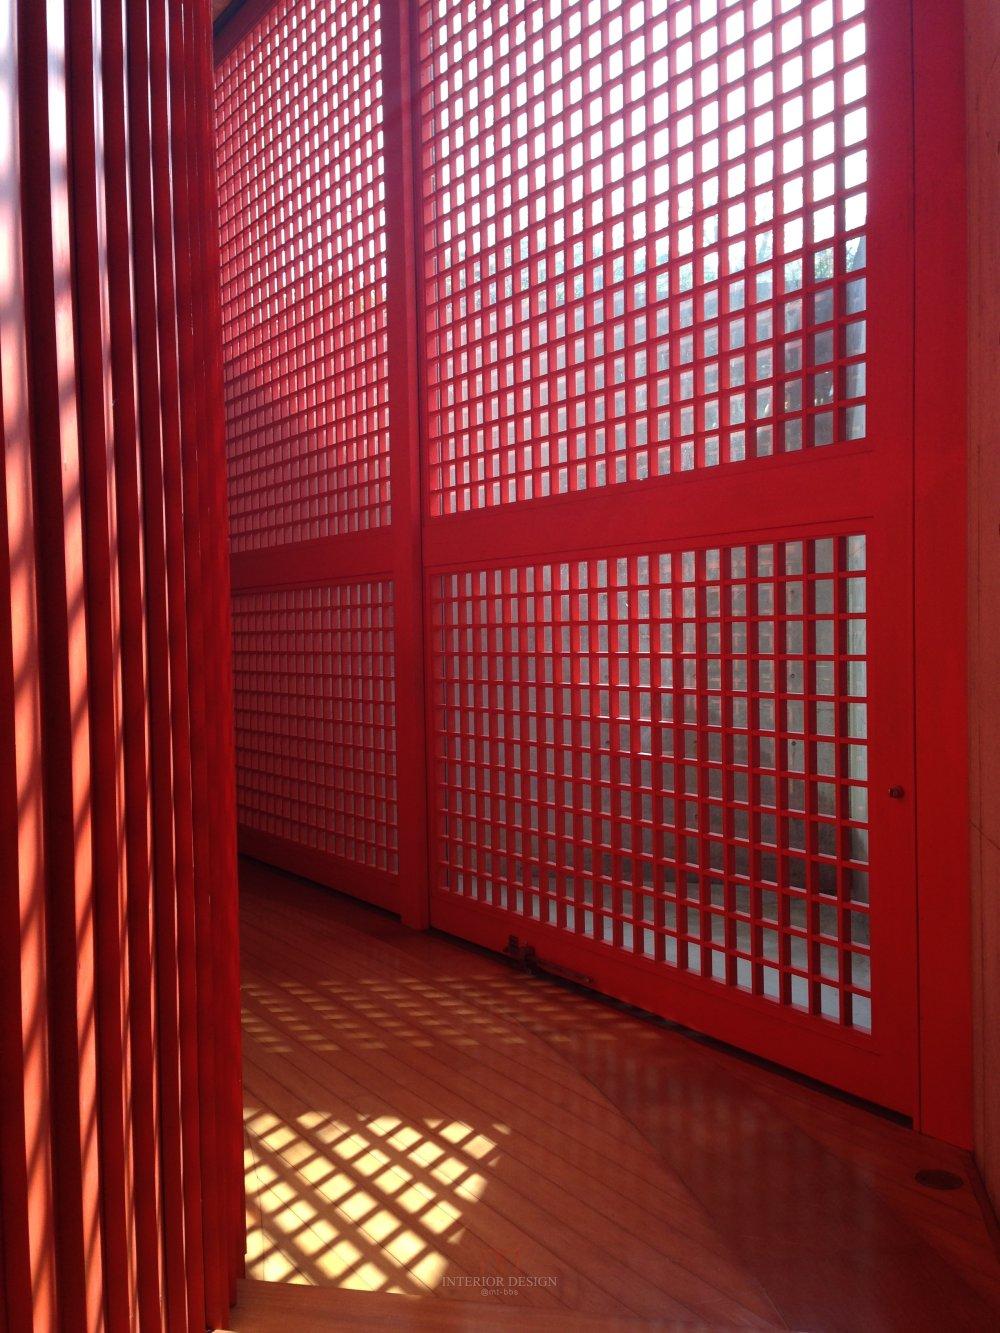 #伙伴一起看日本#  日本设计考察分享(更新美秀美术馆)_IMG_5212.JPG